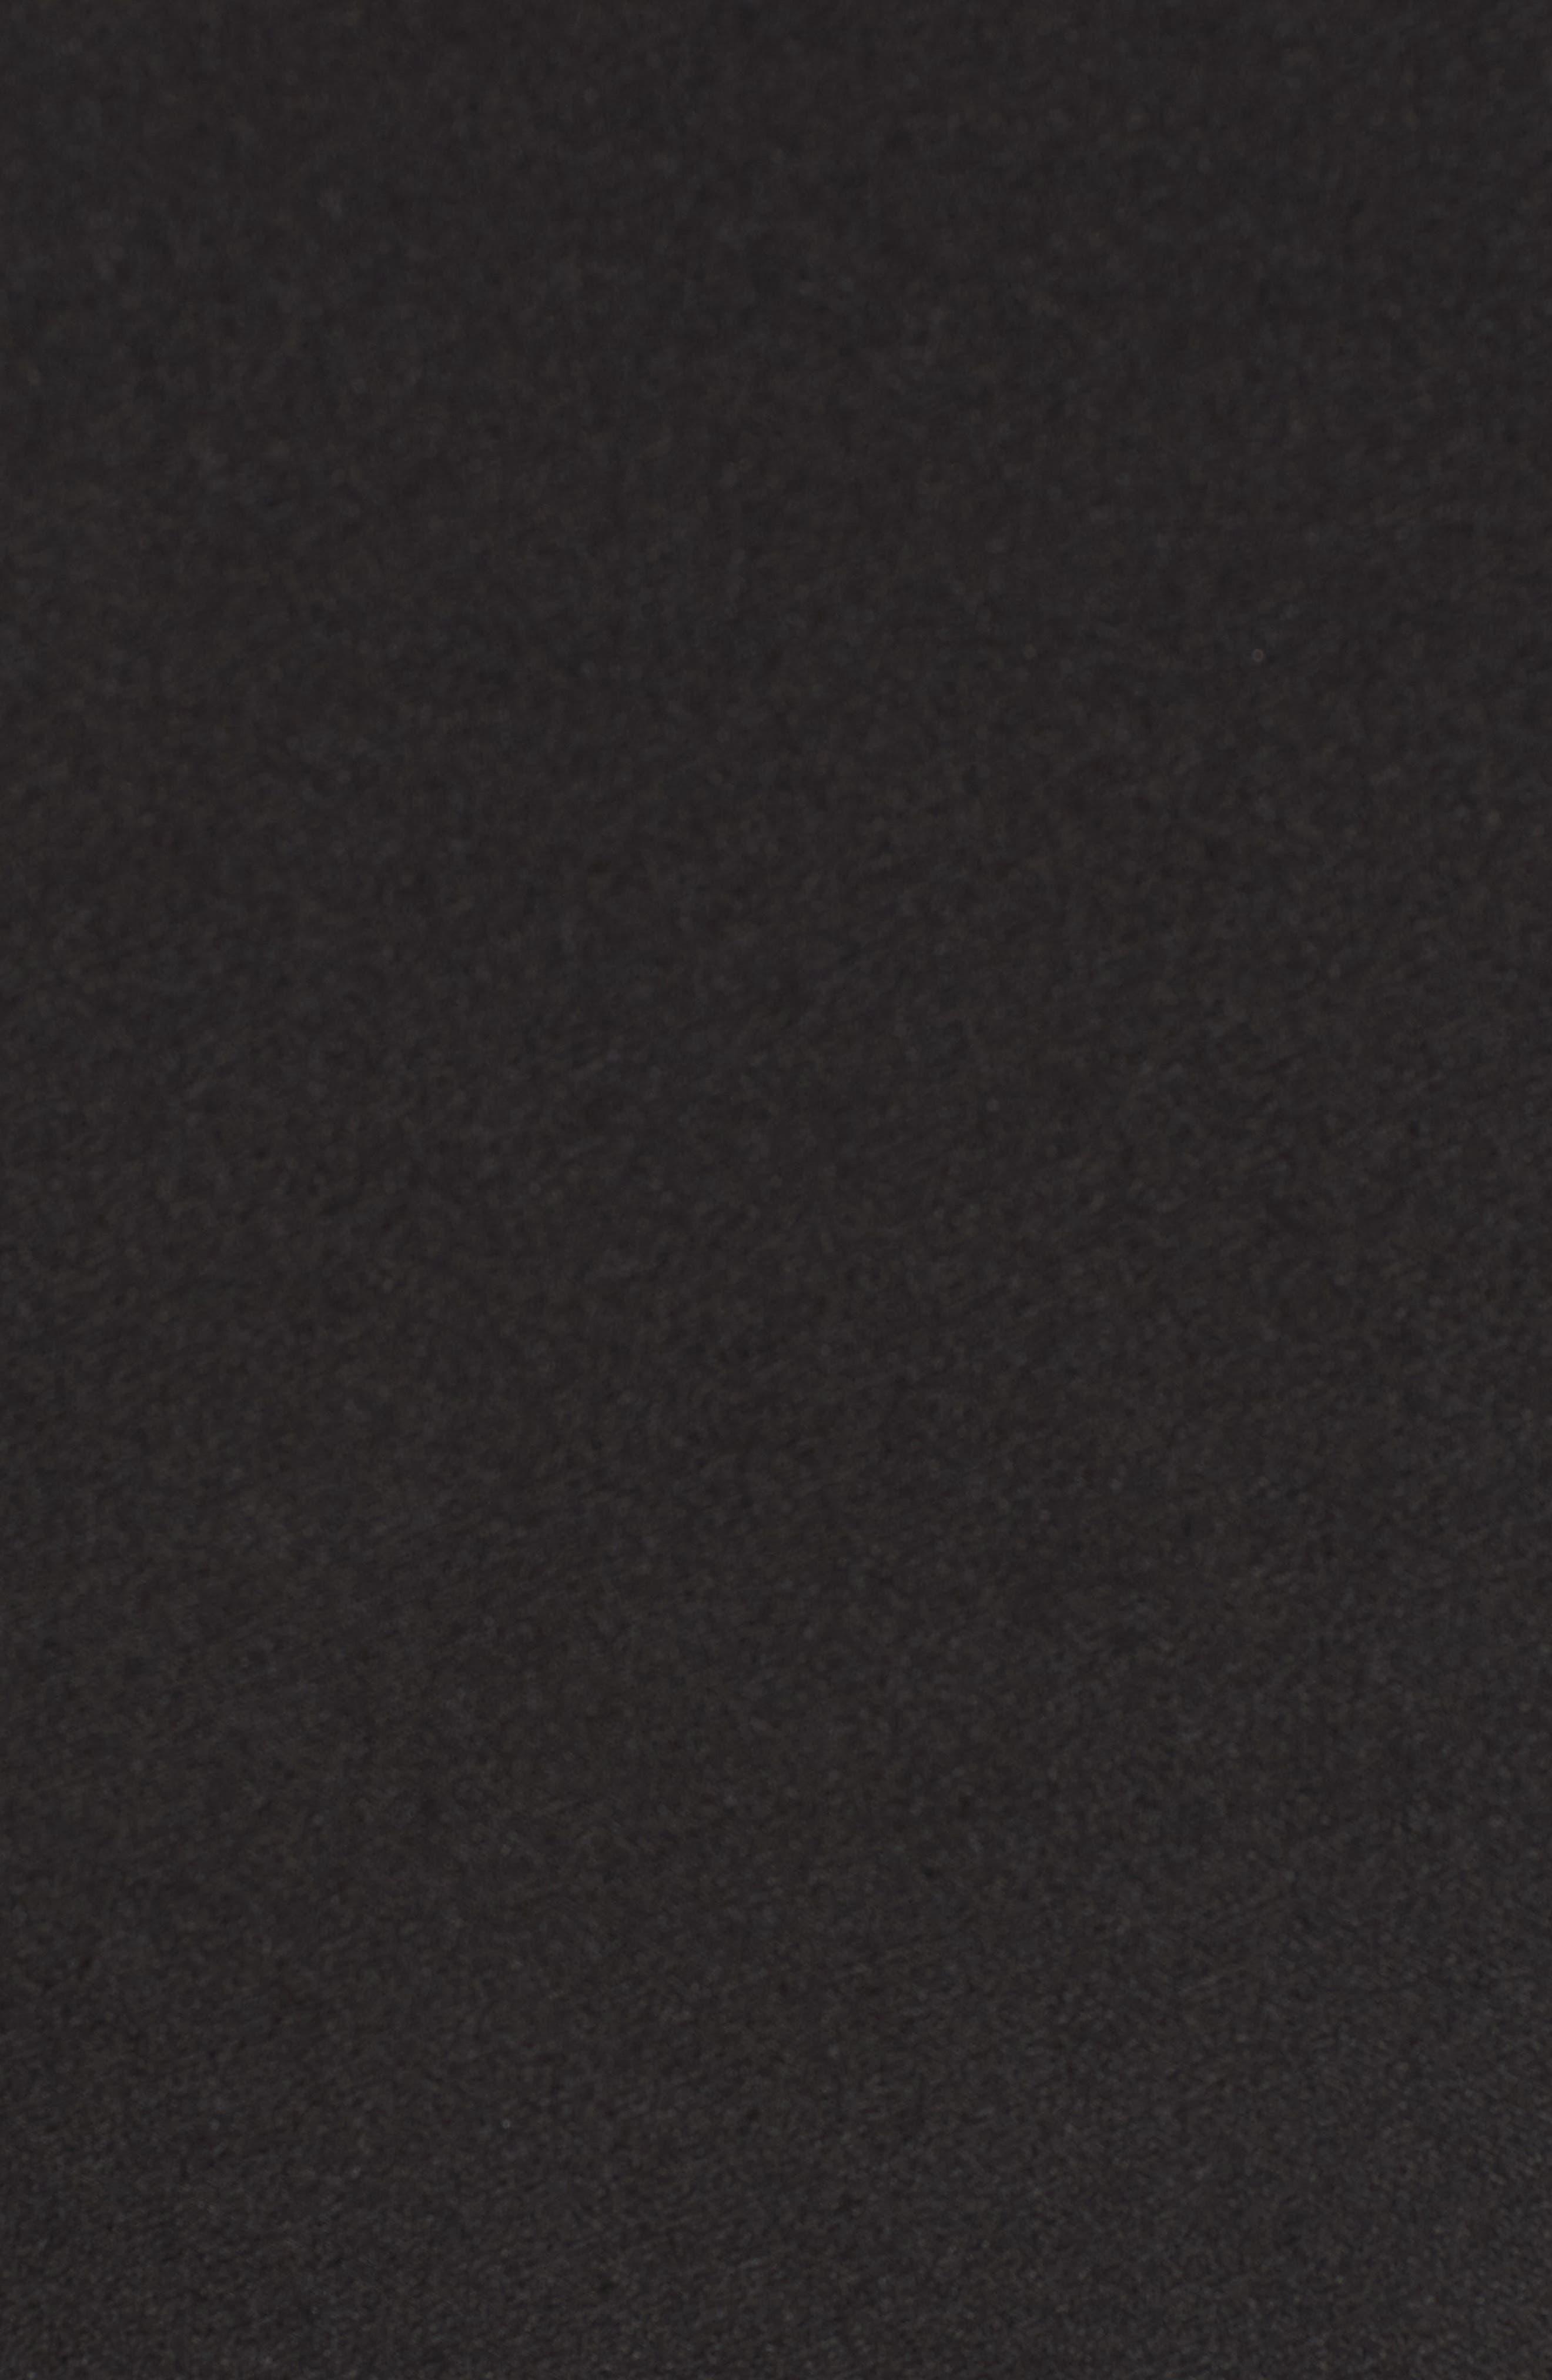 Jeanne Split Sleeve Minidress,                             Alternate thumbnail 5, color,                             Black